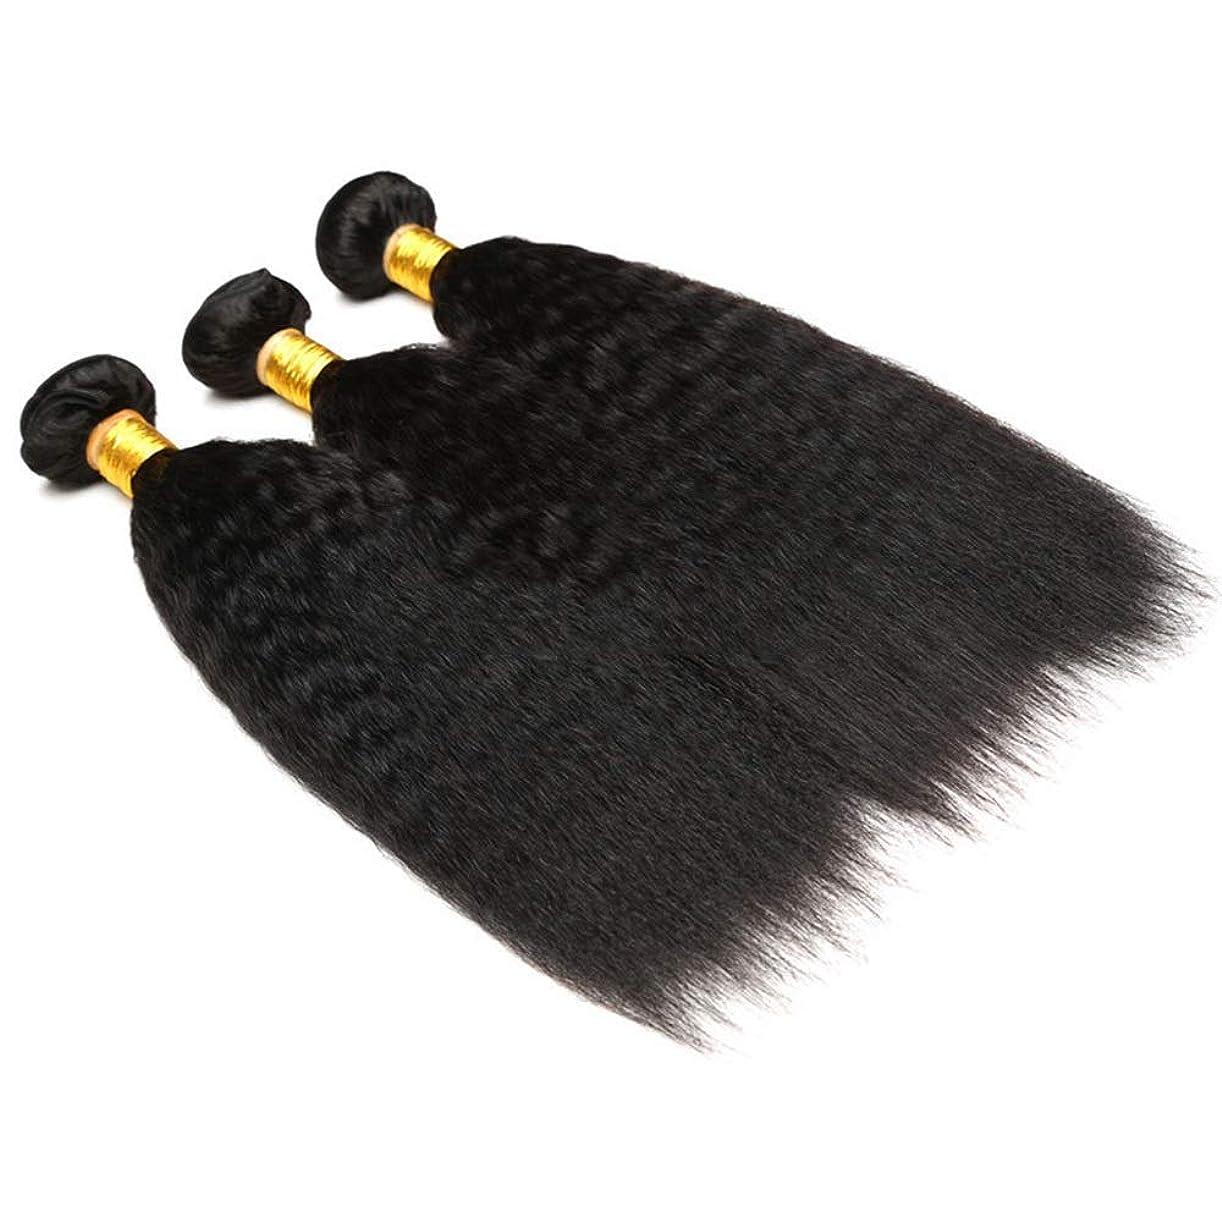 うぬぼれ名声長いですHOHYLLYA ブラジルの本物の人間の髪の毛の束焼きストレートヘア1バンドルナチュラルカラー織り7Aグレードファッションウィッグ(10インチ-26インチ)パーティーウィッグ (色 : 黒, サイズ : 10 inch)